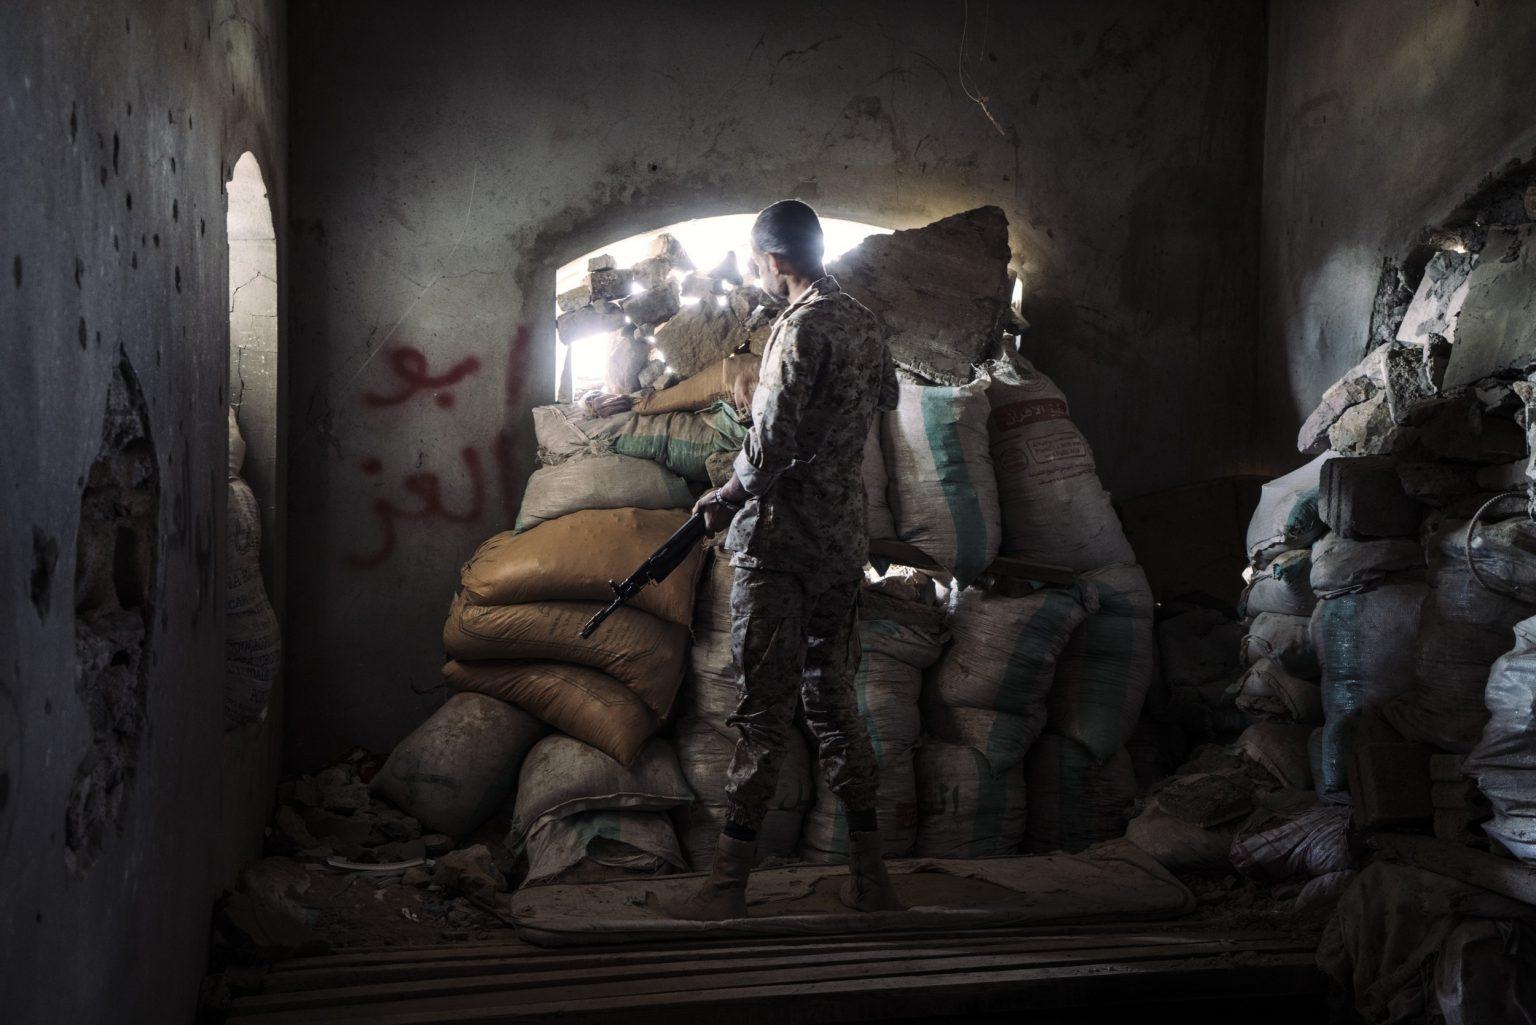 *** SPECIAL   FEE   APPLIES ***Taiz, Yemen, November 2018 -  A militiaman stands in a frontline position in the area called al-Zunuj on the northern front of Taiz. The frontline that encircle the city has not moved significantly in the past two years. Humanitarian aid and supplies can be delivered into the city only through a single road still under the control of the coalition. ><  Taiz, Yemen, Novembre 2018 - Un miliziano si trova in prima linea nell'area chiamata al-Zunuj sul fronte nord di Taiz. La prima linea che circonda la città non si è mossa significativamente negli ultimi due anni. Gli aiuti umanitari e le forniture possono essere consegnati in città solo attraverso un'unica strada ancora sotto il controllo della coalizione.